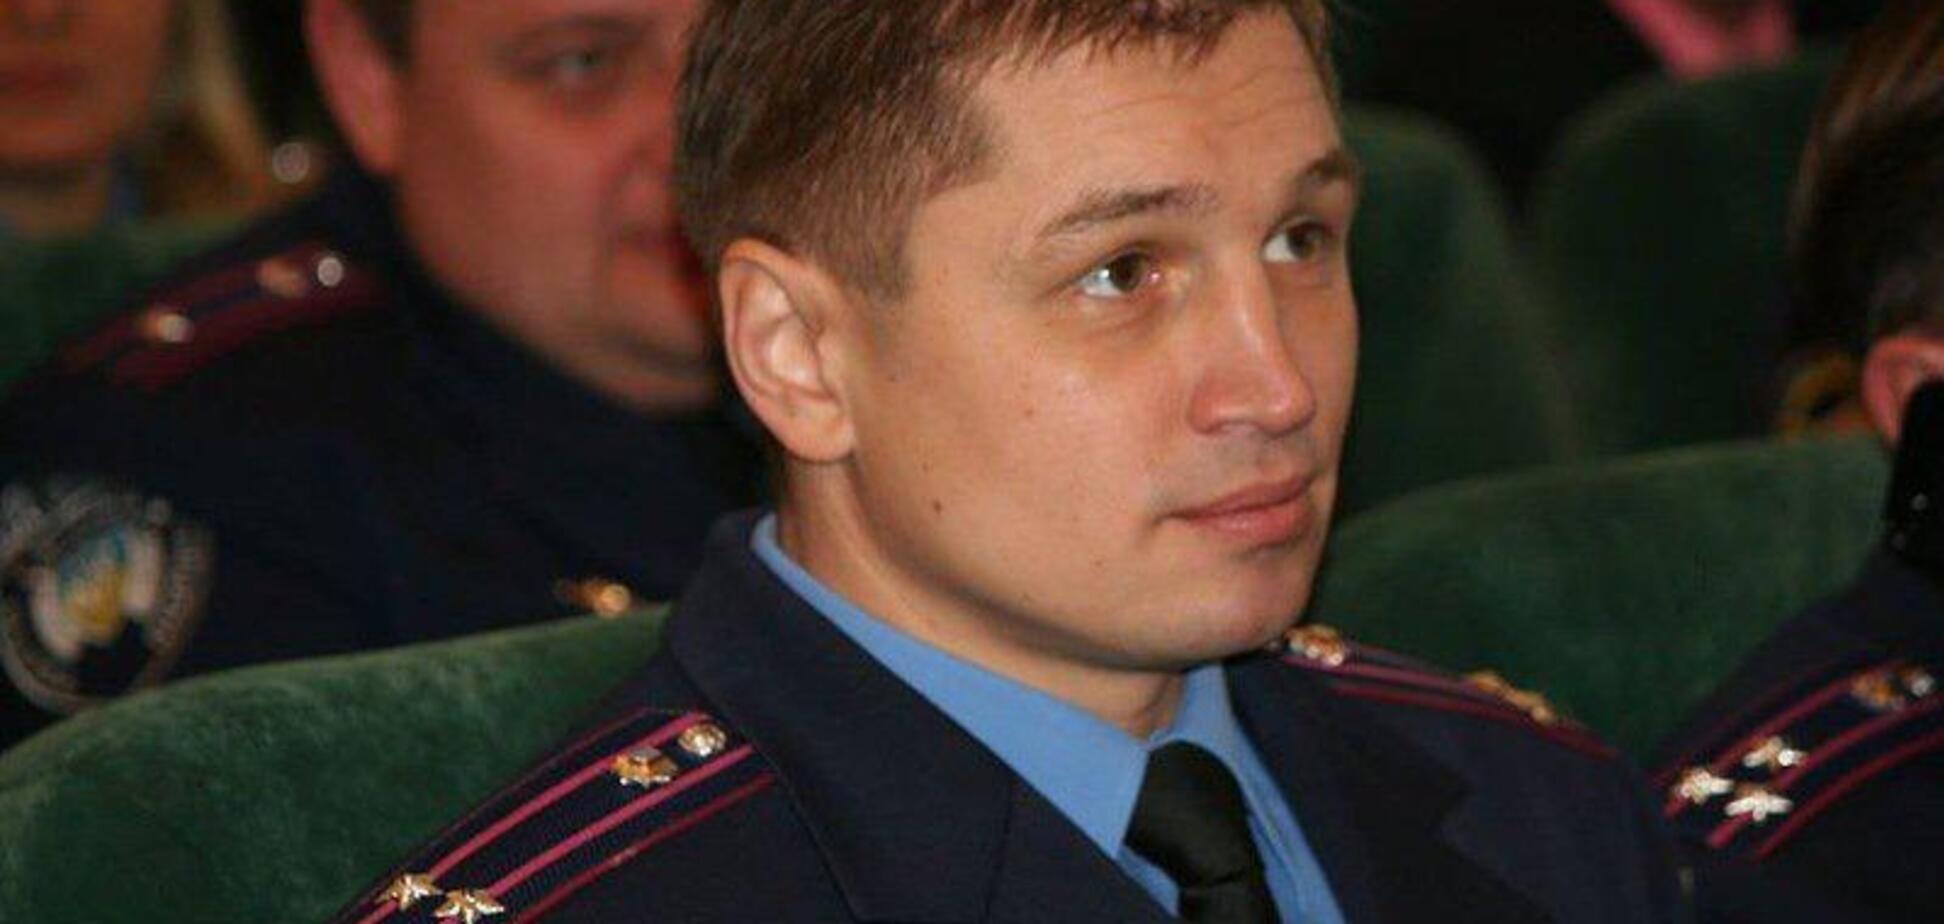 Організував 'парад полонених': заарештовано одного з ватажків 'ДНР'